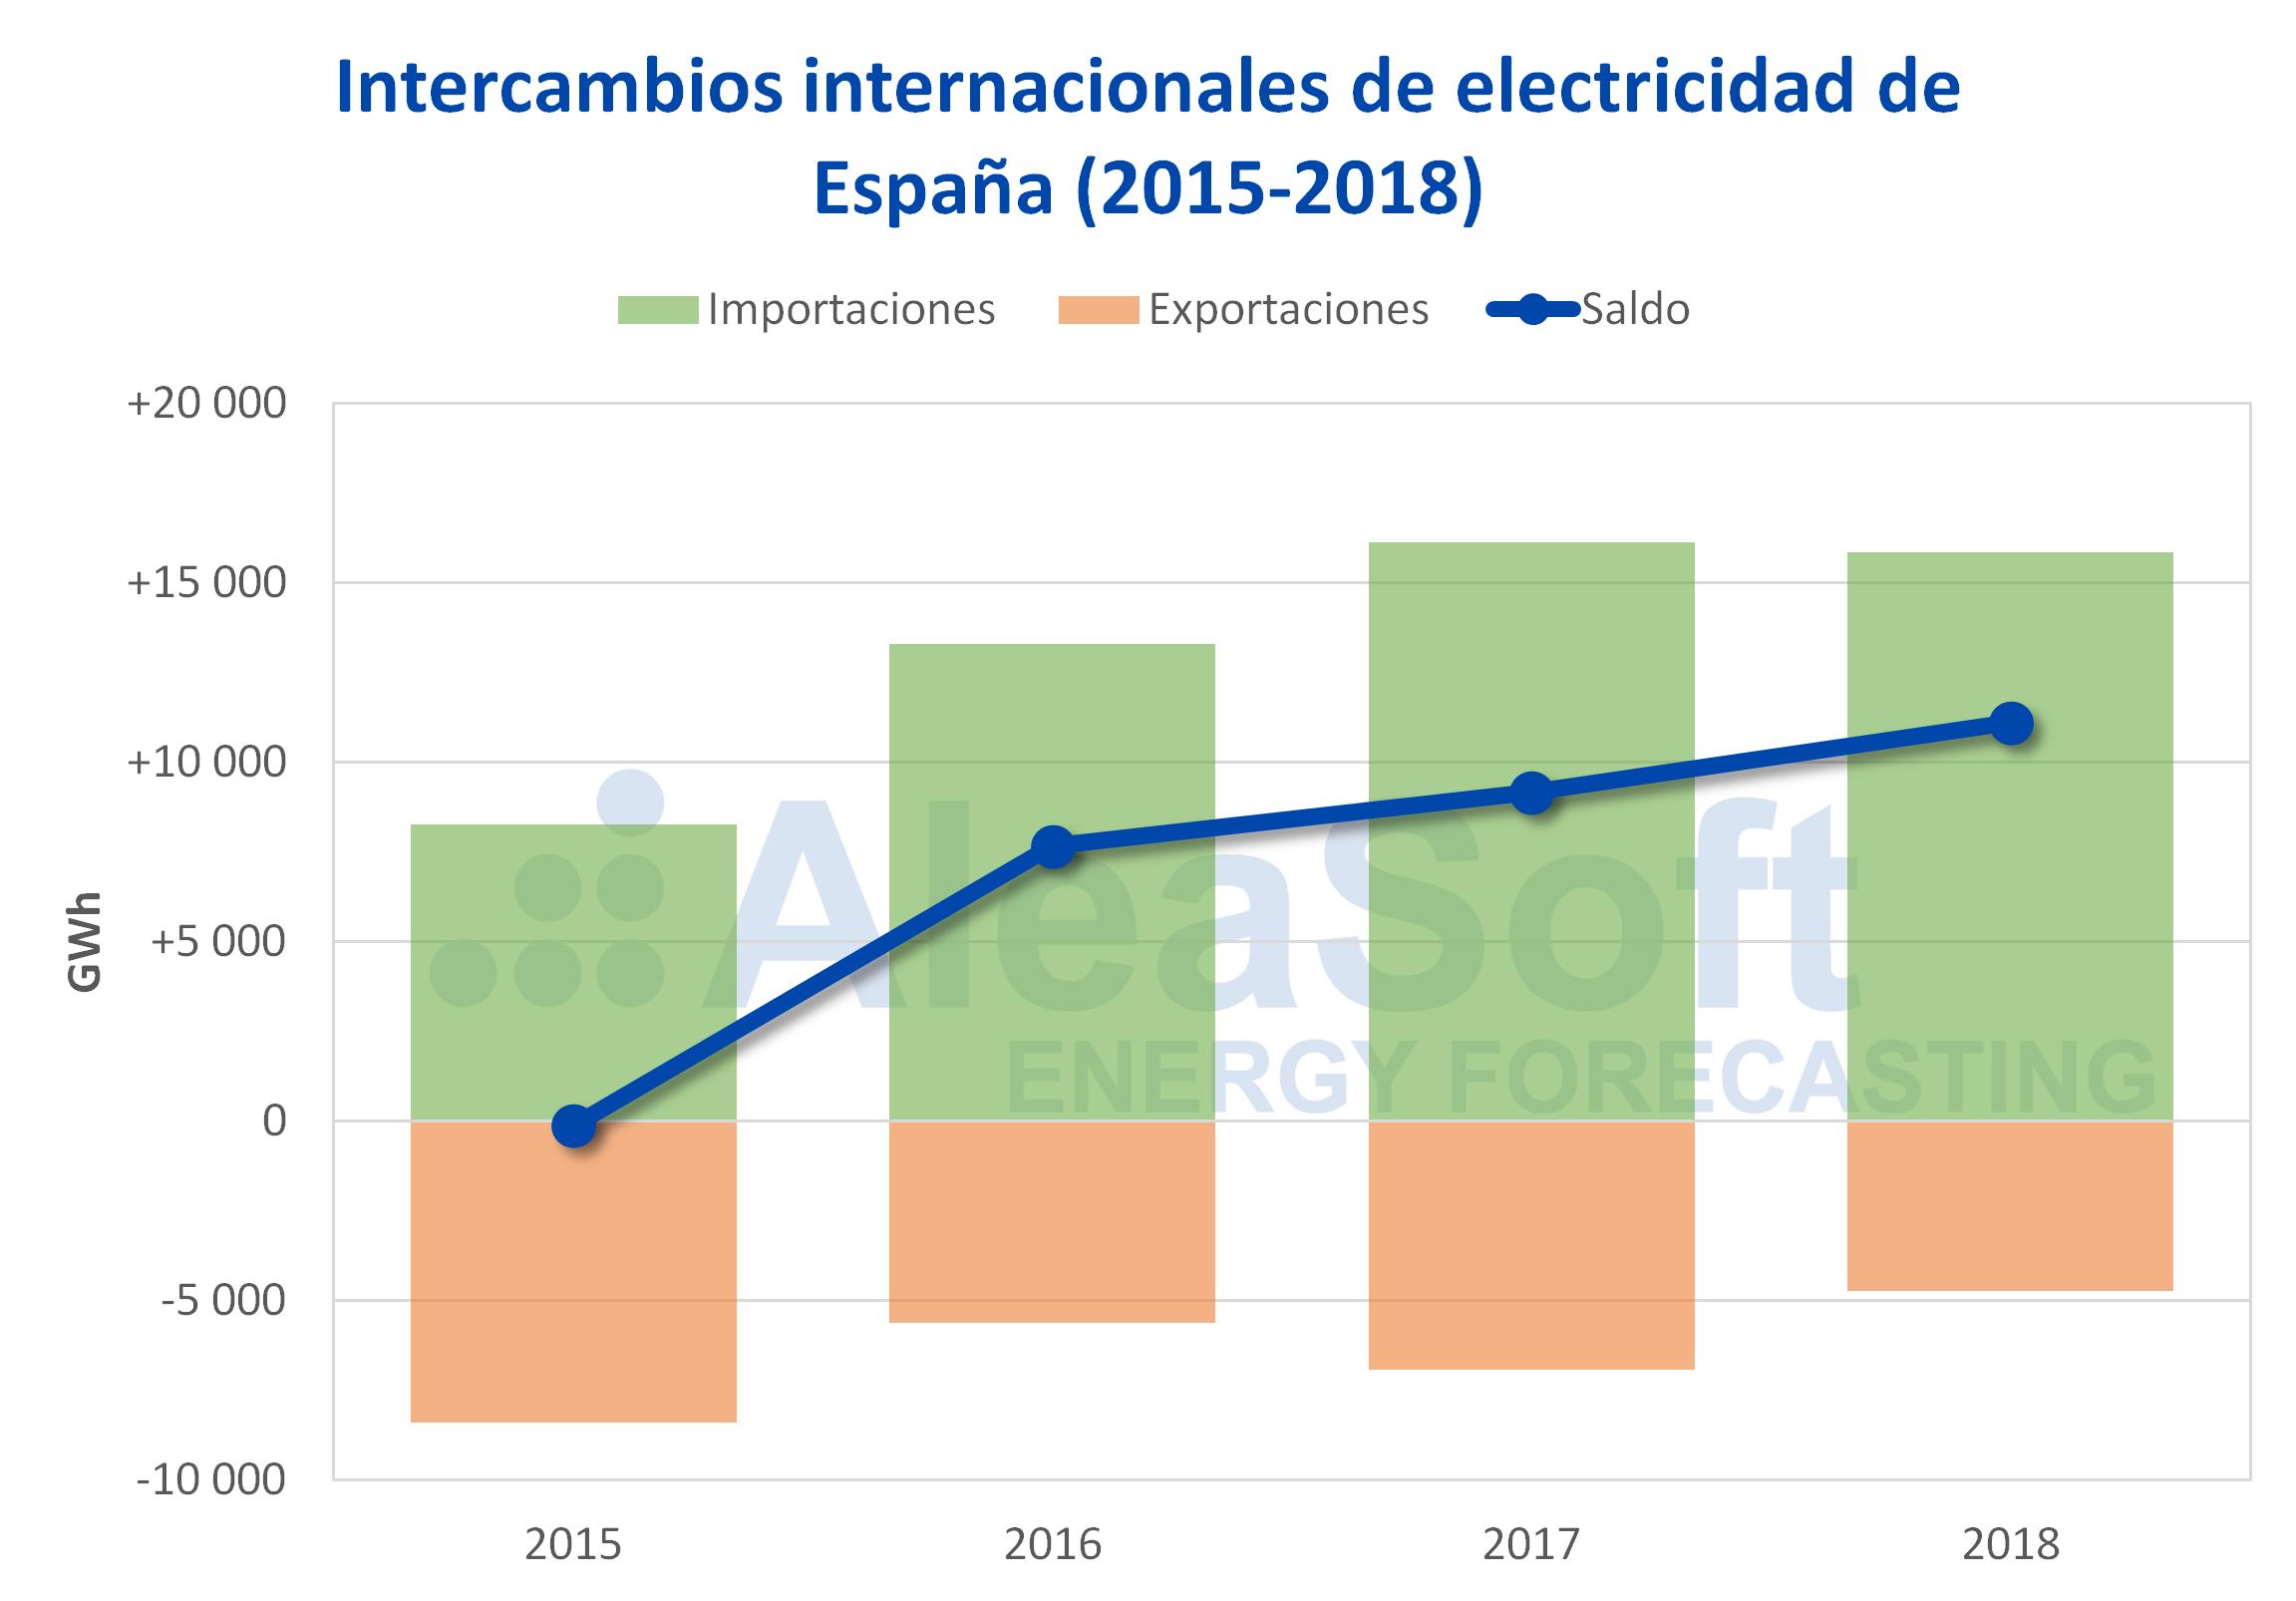 AleaSoft - Intercambios internacionales de electricidad 2015-2018